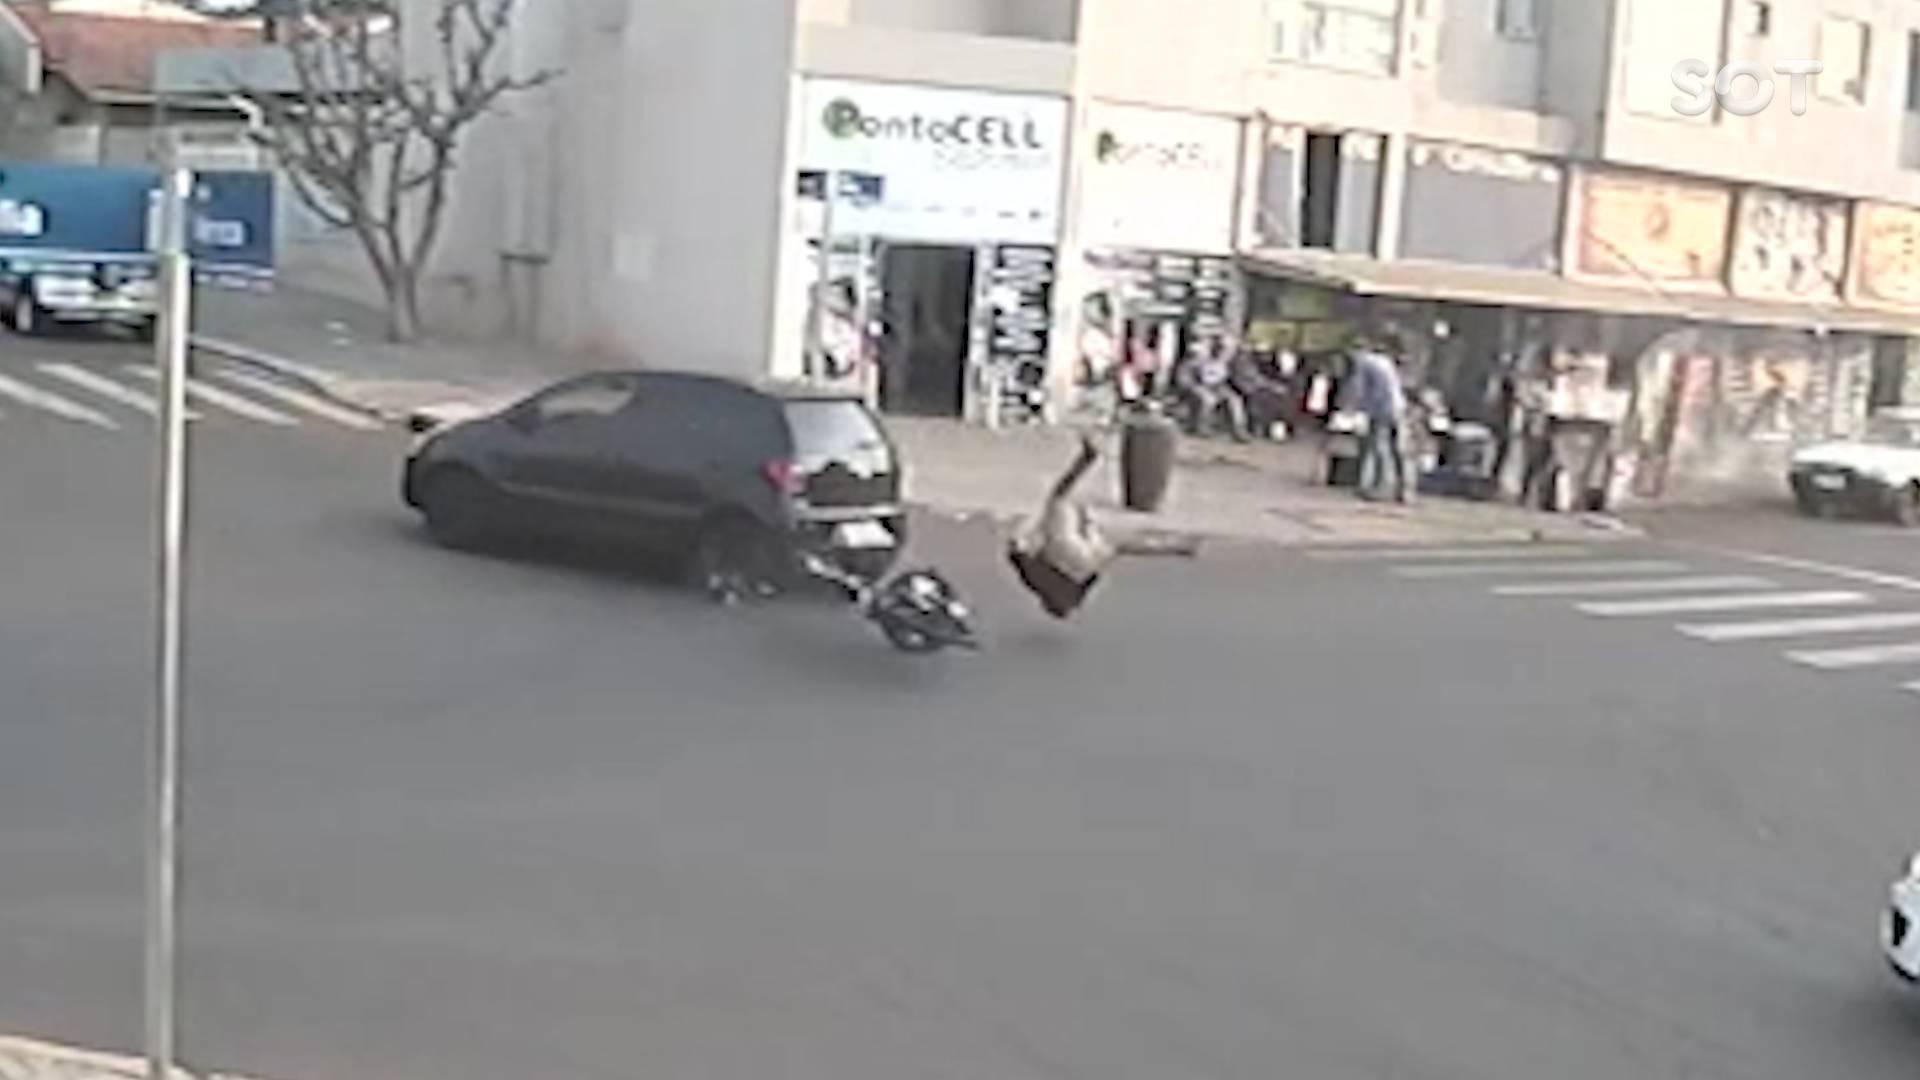 Câmera de segurança registra colisão de trânsito que deixou jovem ferido no Cascavel Velho